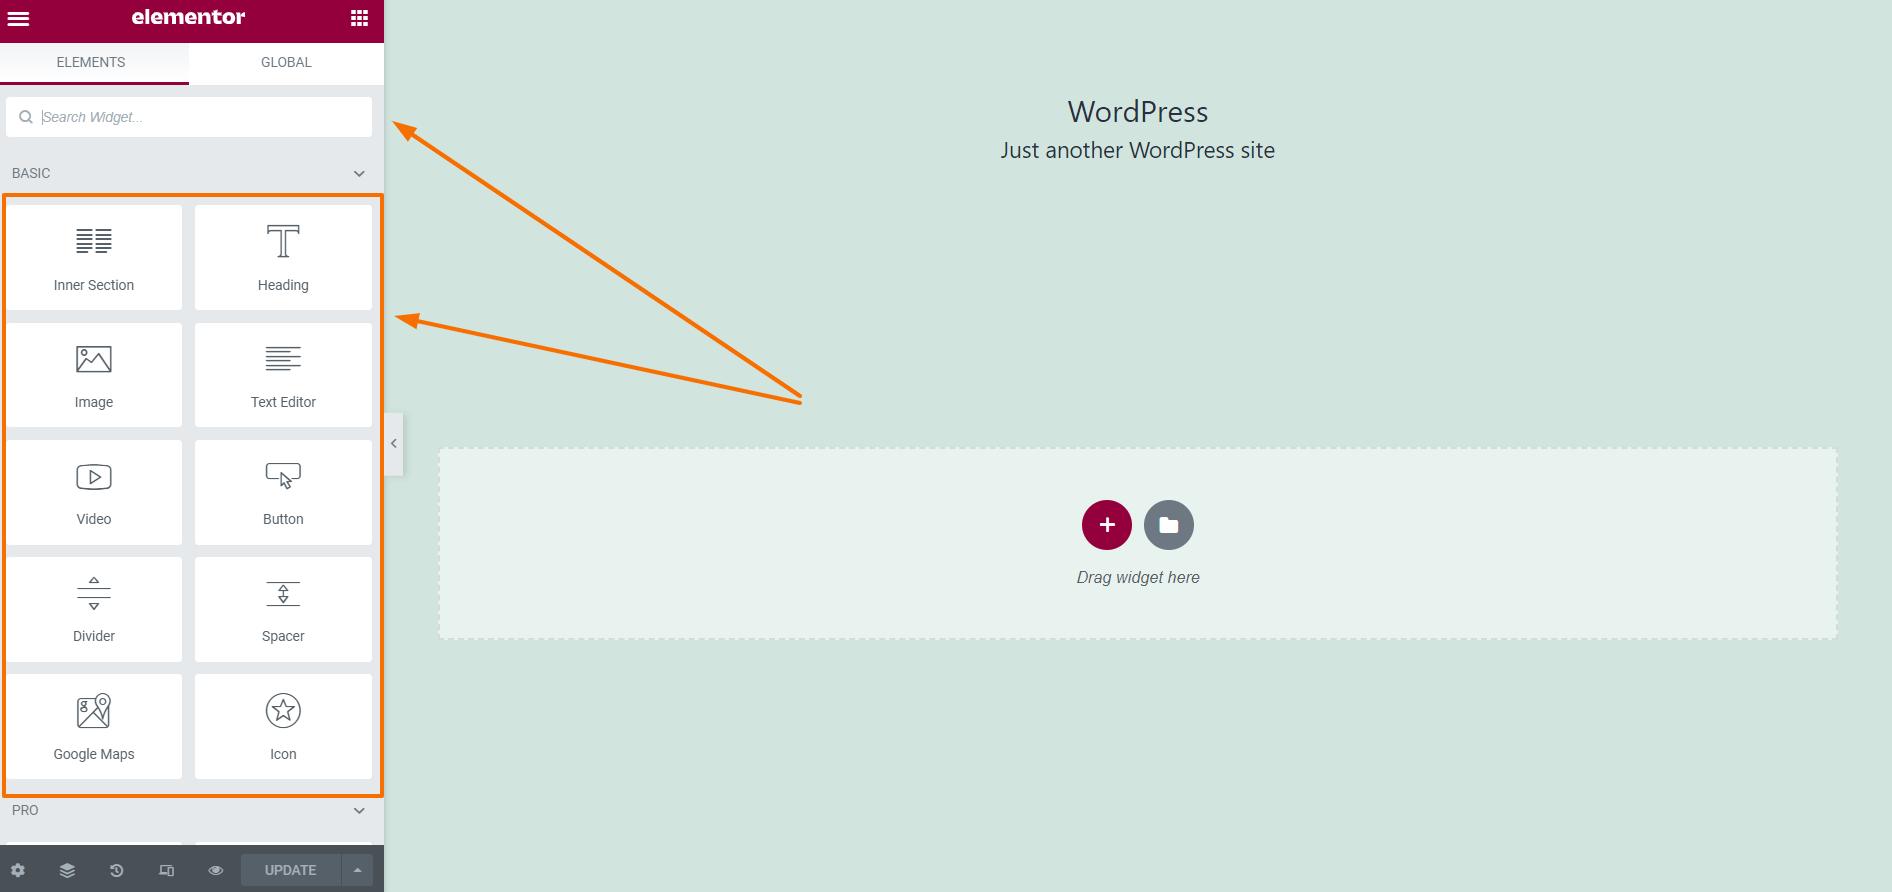 WPFunnels Add Elementor Widget